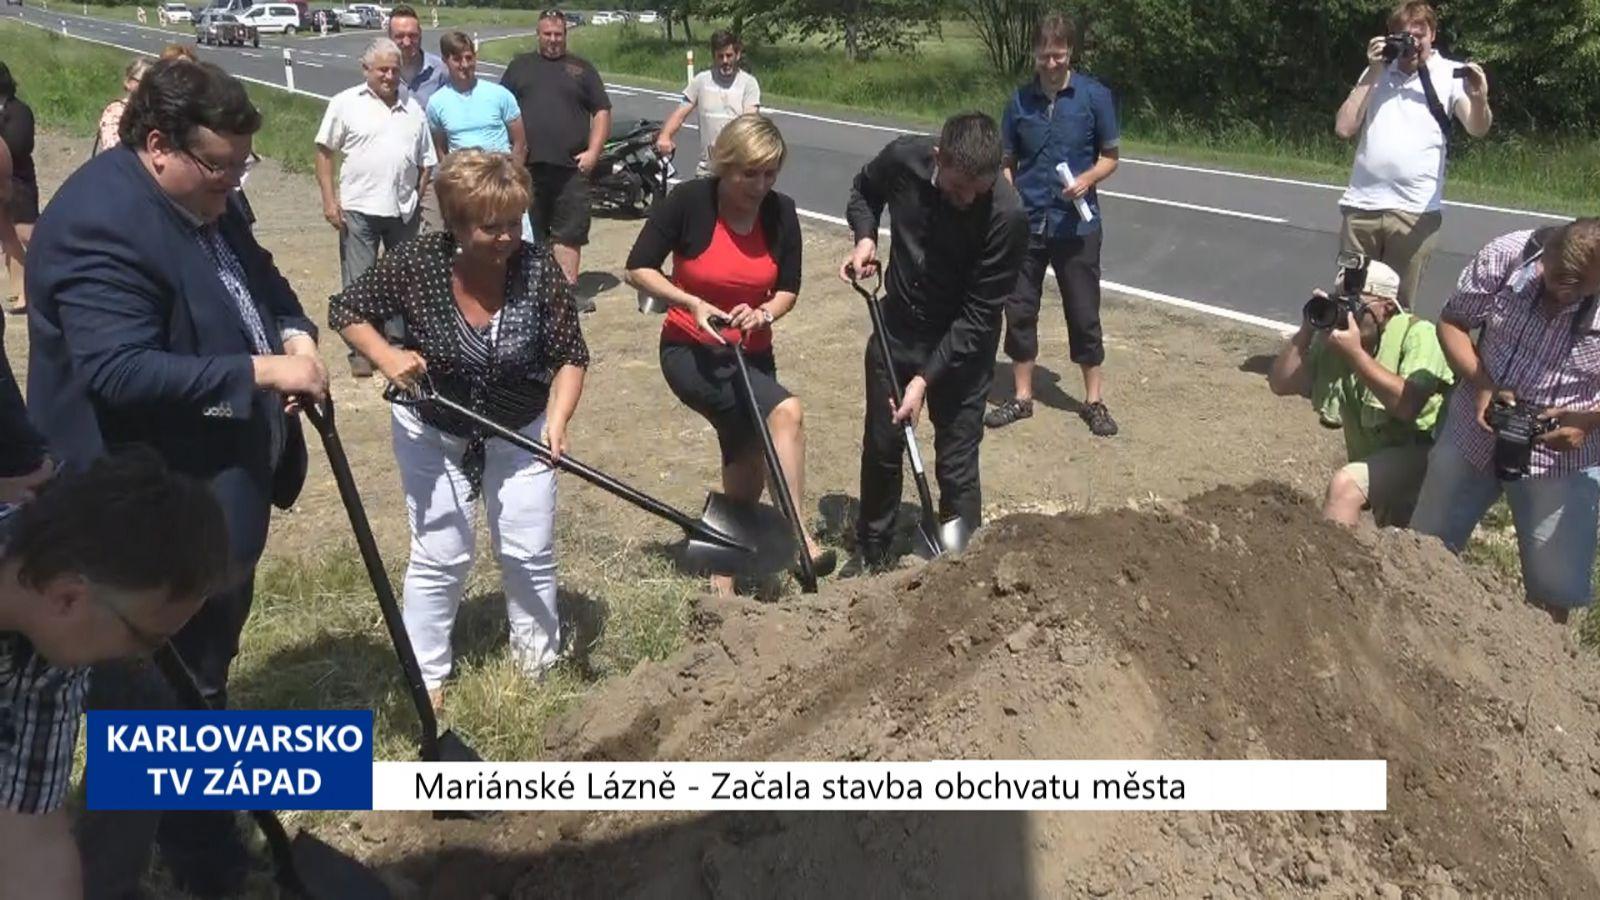 Velk Hlesebe - Klimentov - alahlia.info